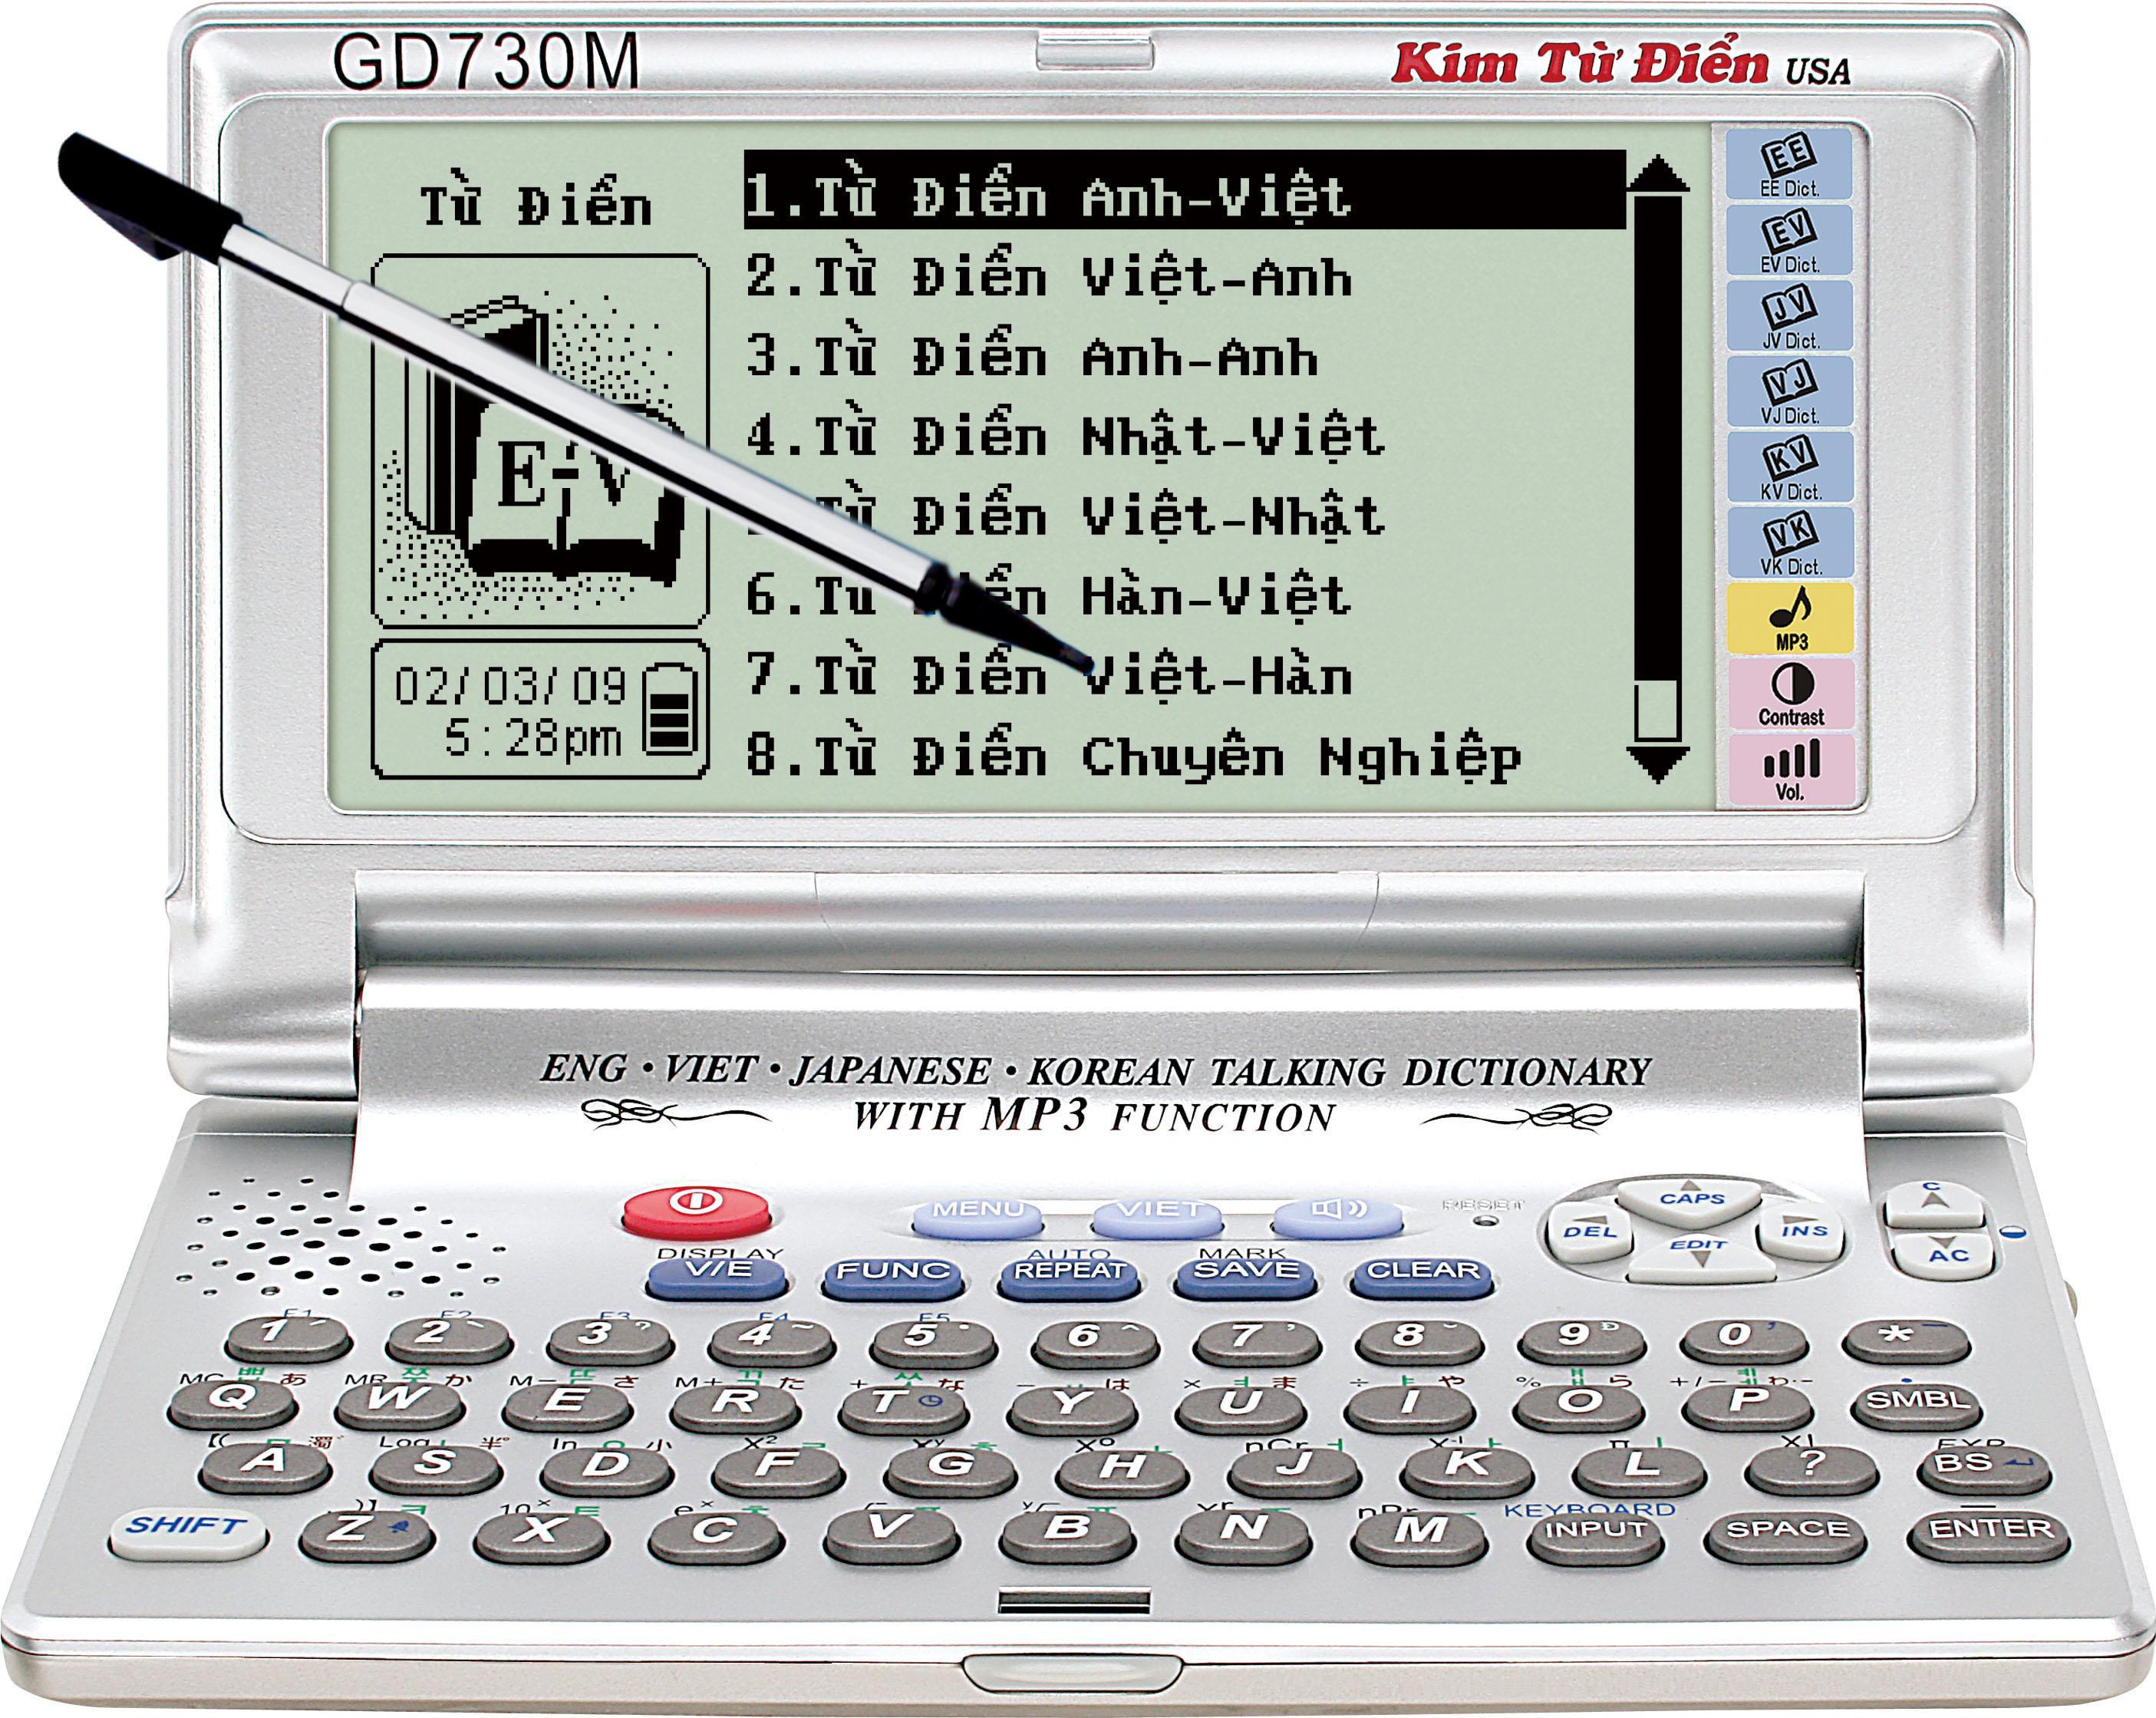 Kim từ điển GD730M - Anh-viet-han-nhat